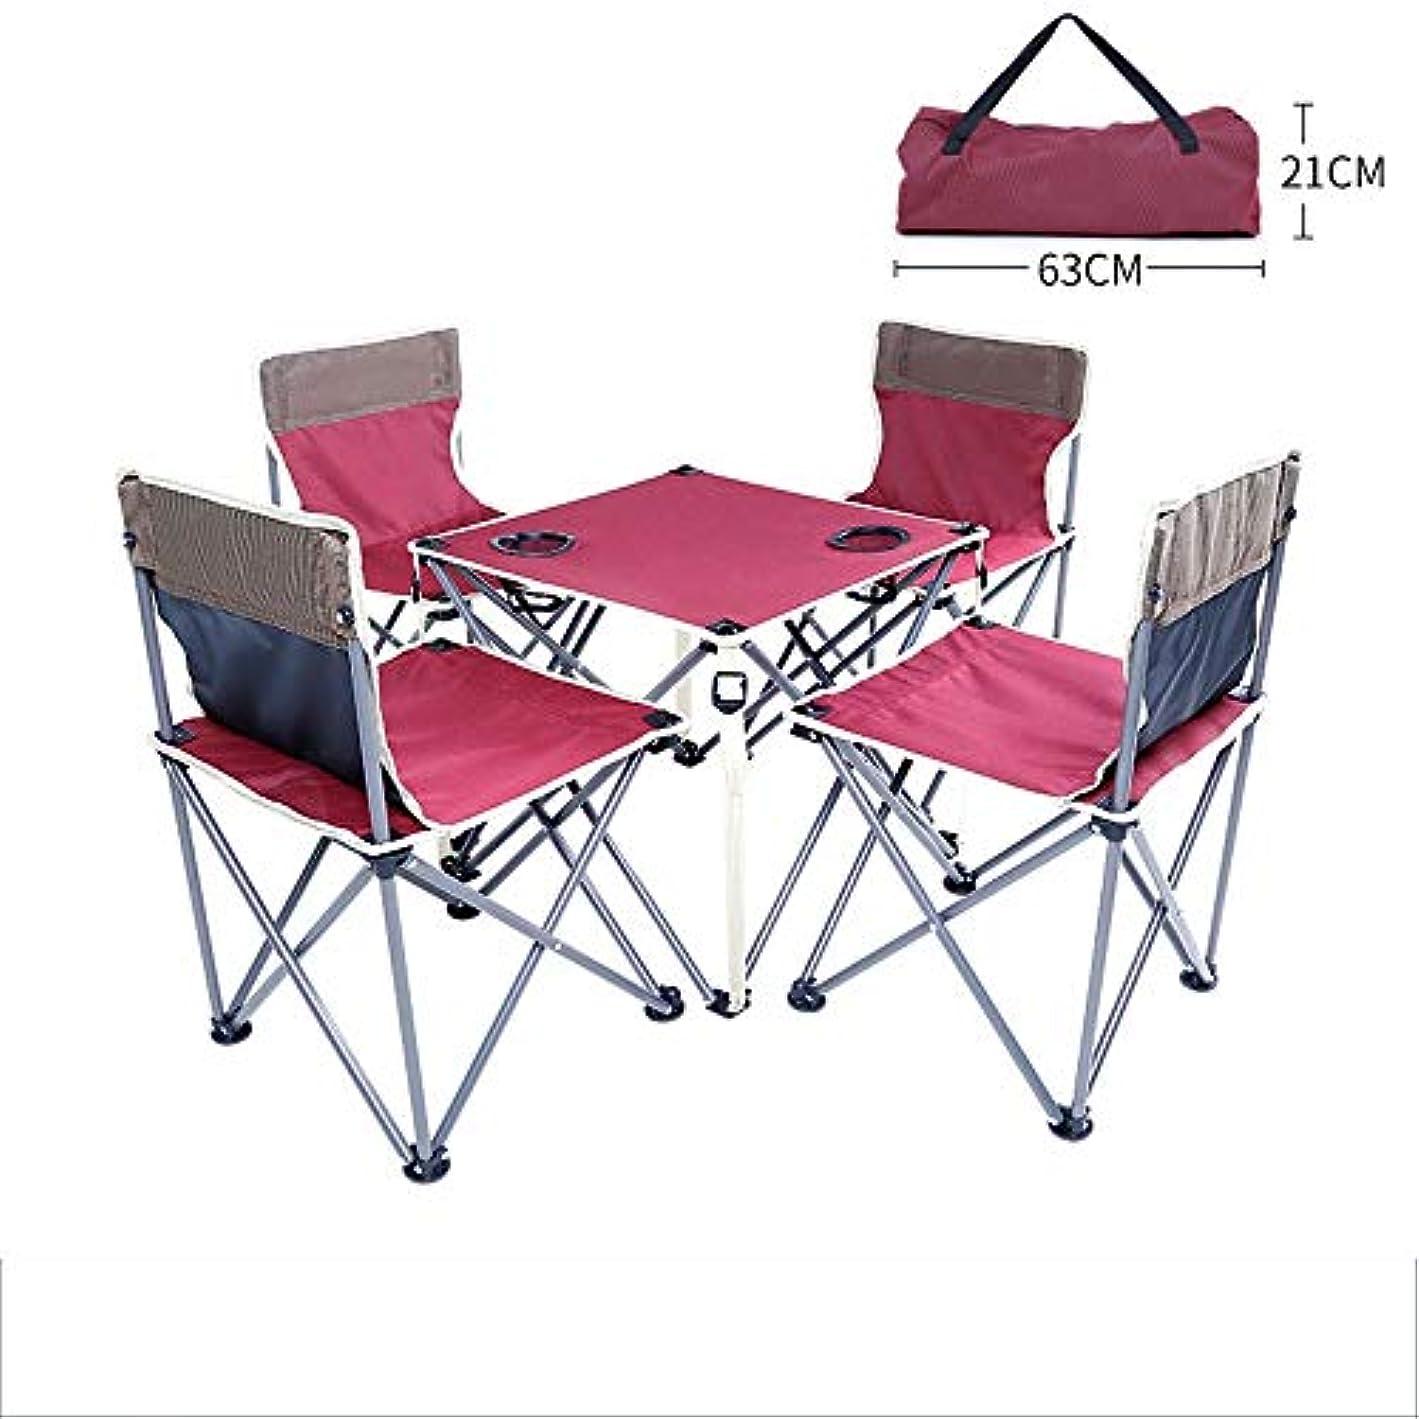 イルの間でスツールLJHA zhuozi テーブル、屋外折りたたみテーブルと椅子セットワイルドピクニックバーベキューカー自動運転ポータブルコンビネーションシート5 5ピースセット - 収納バッグ付き